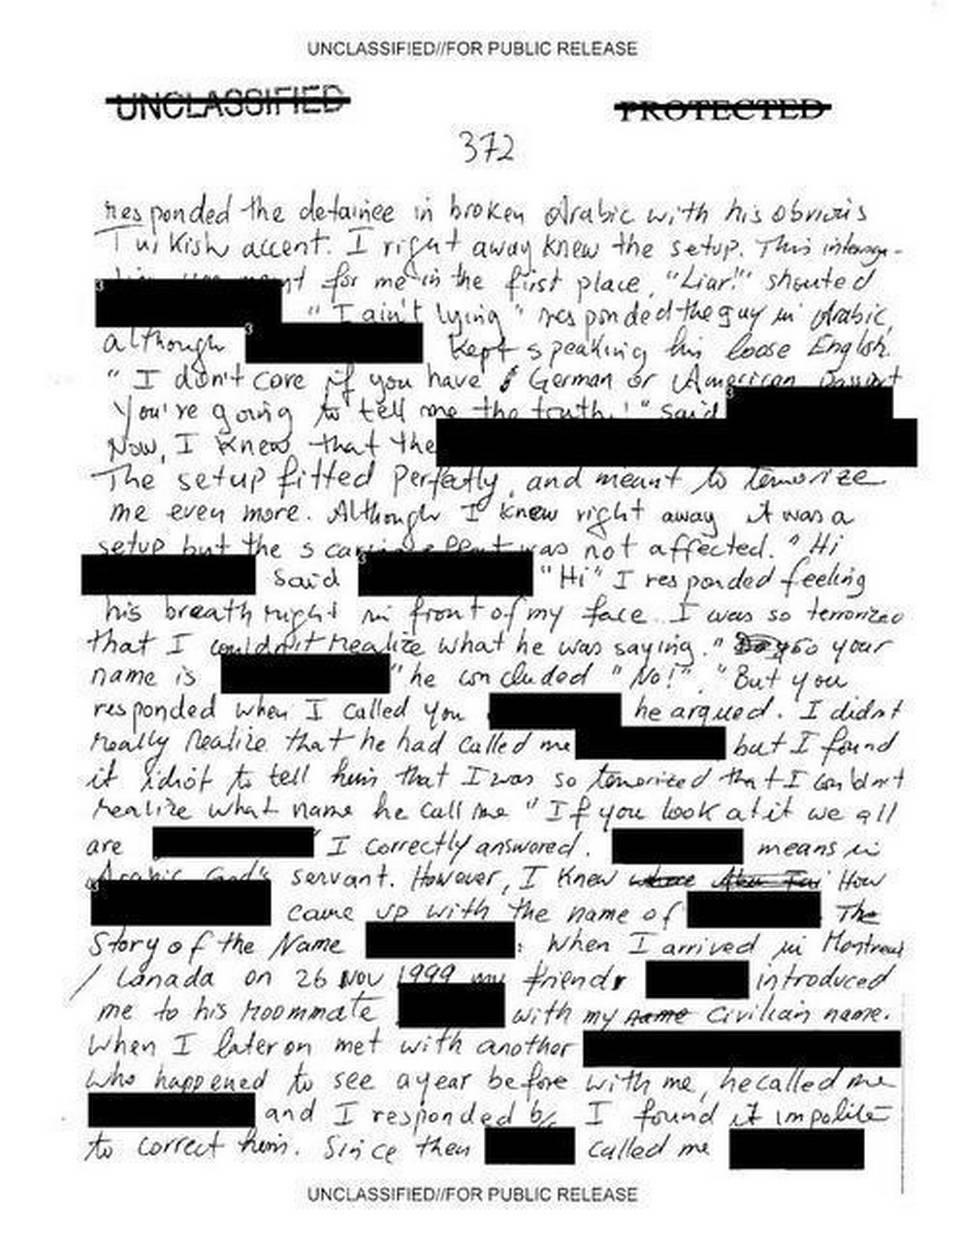 İngilizceyi Guantanamo'da öğrenen Slahi'nin el yazısı